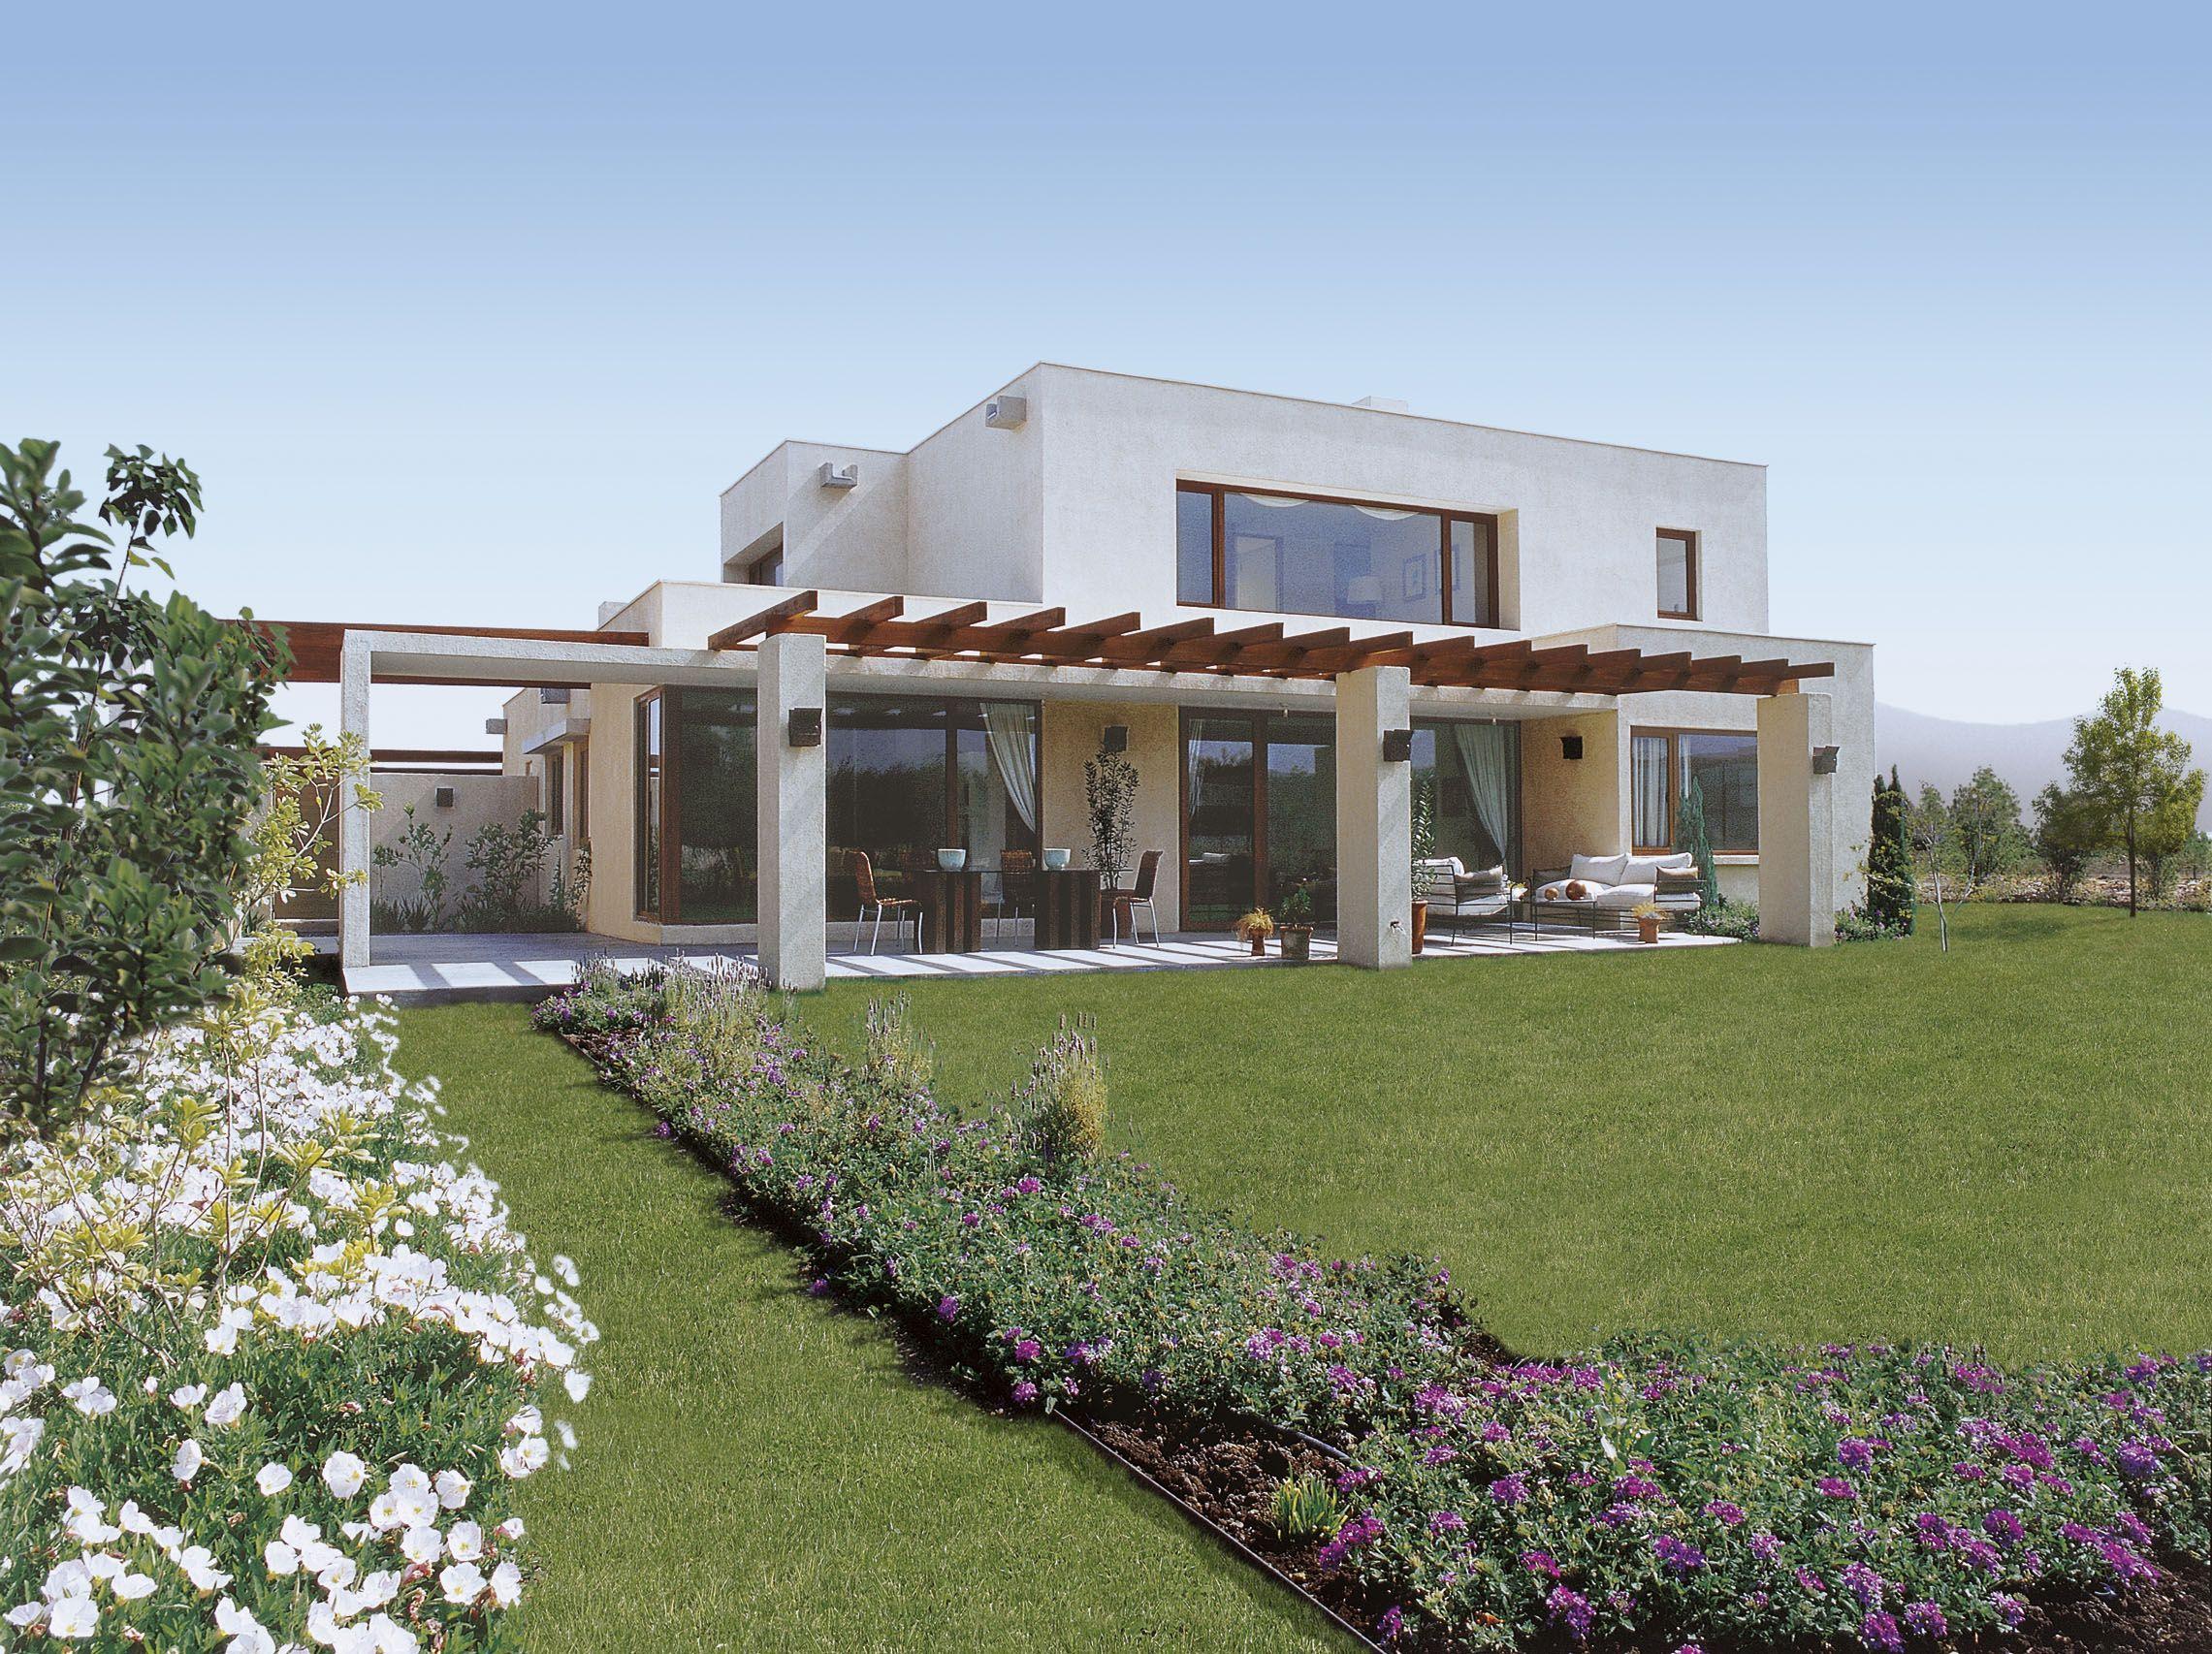 El encanto de las casas mediterr neas casas pinte for Casa moderna jardin d el menzah